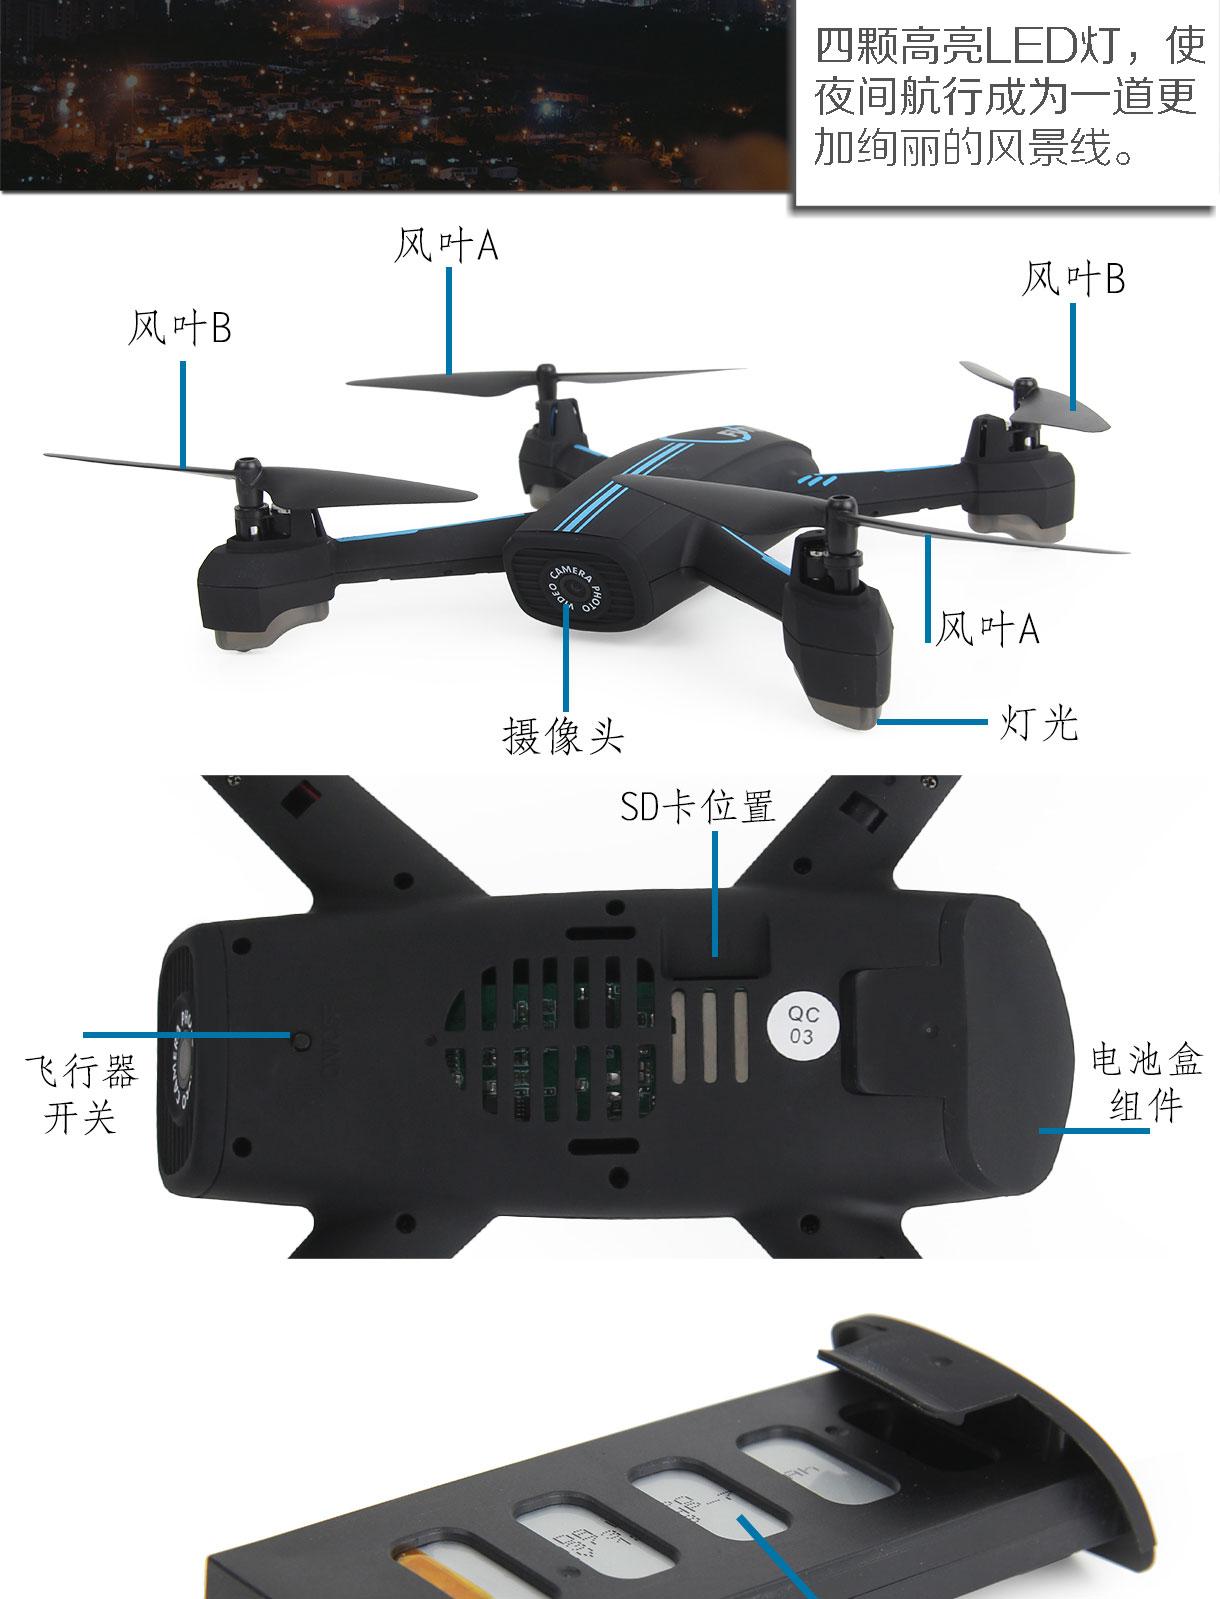 WIFI FPV RC Drone GPS Point d'exploitation Drone 528 RC quadrirotor Full HD 720P caméra une clé décollage/atterrissage/arrêt vol Stable - 6